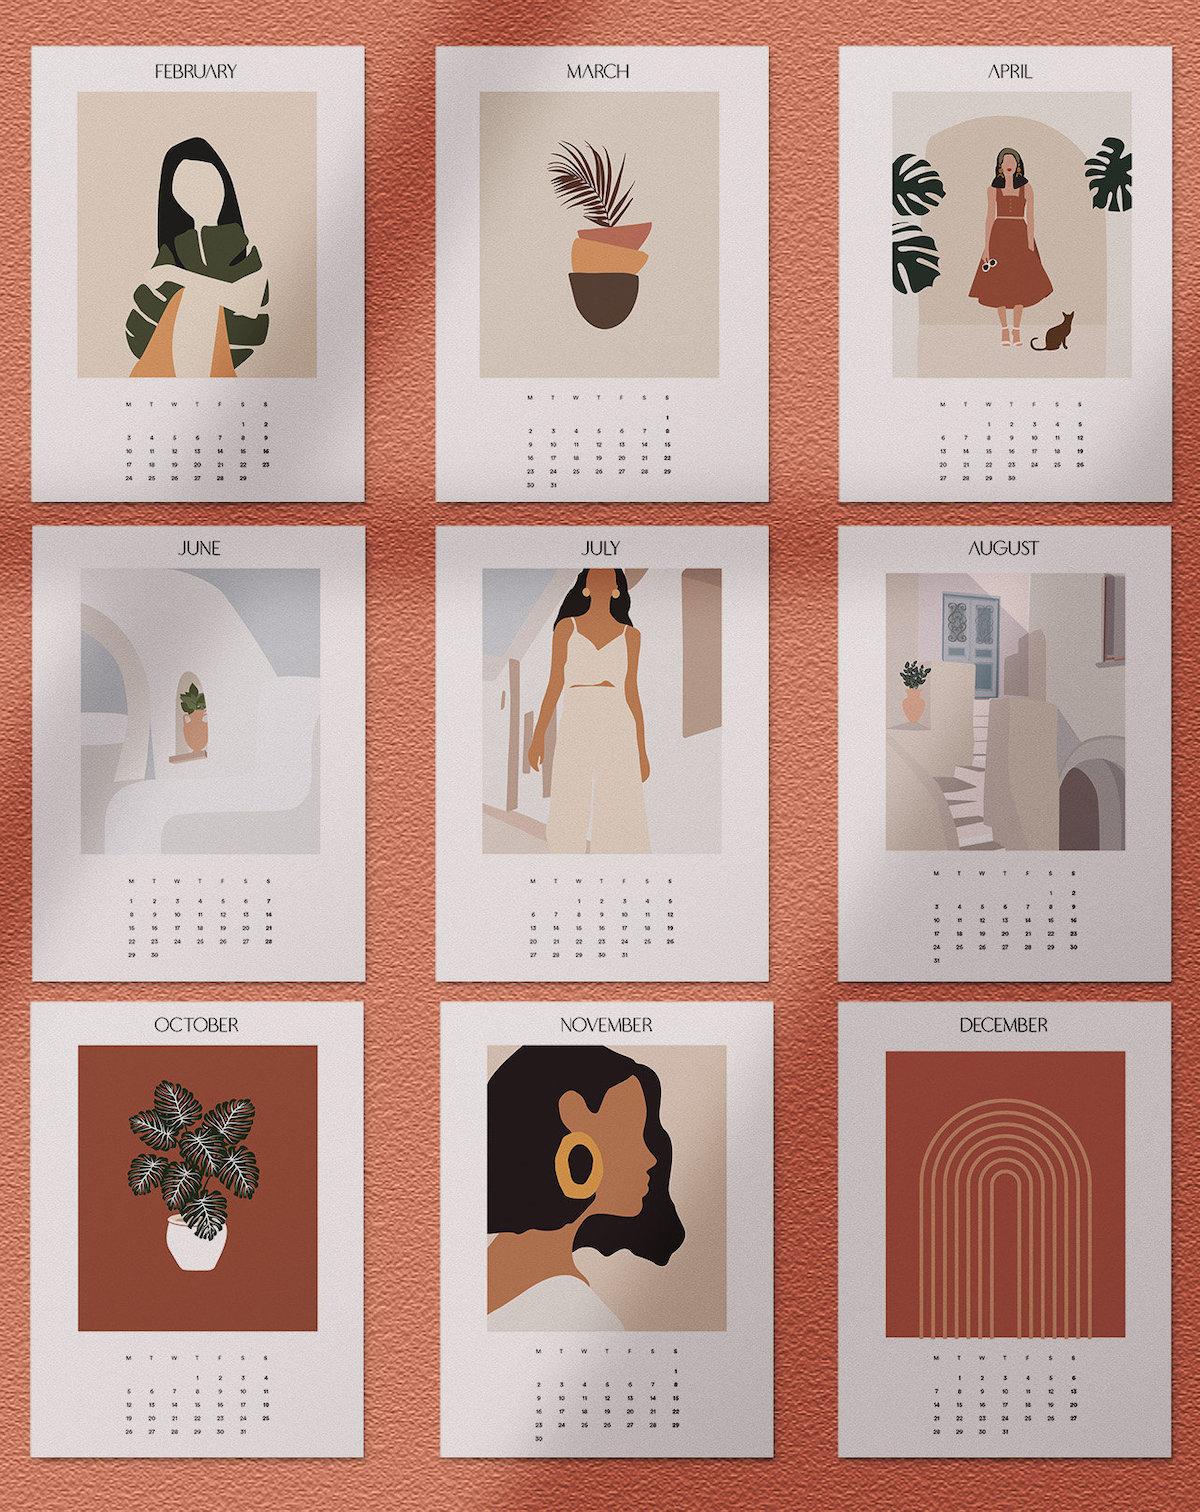 calendrier 2020 original style méditerranéen terracotta blanc épurée blog déco clematc